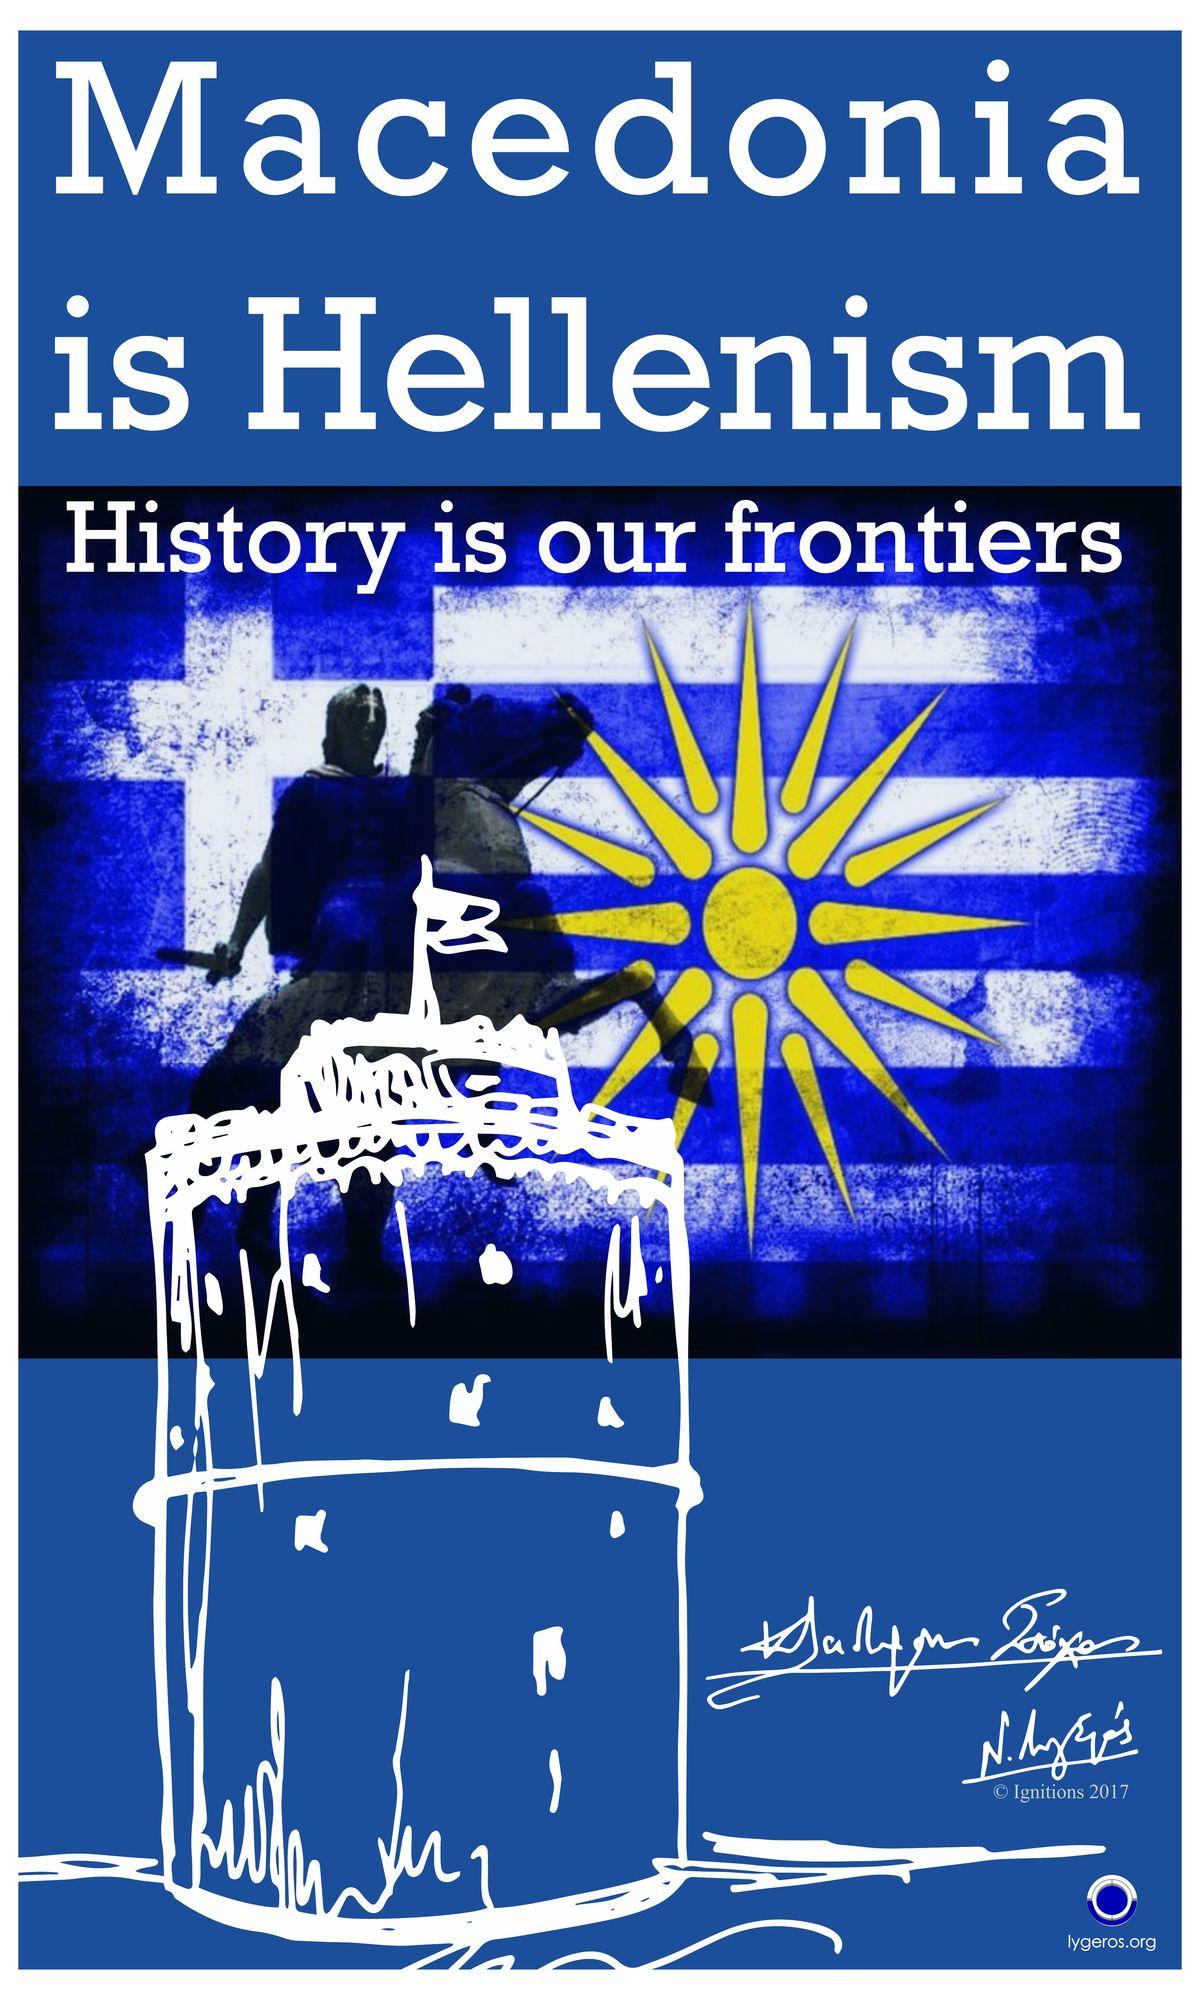 Ομιλία: Ομιλία του Νίκου Λυγερού για τη Μακεδονία, Sergels Torg, Στοκχόλμη, Κυριακή 25 Φεβρουαρίου 2018, ώρα: 10